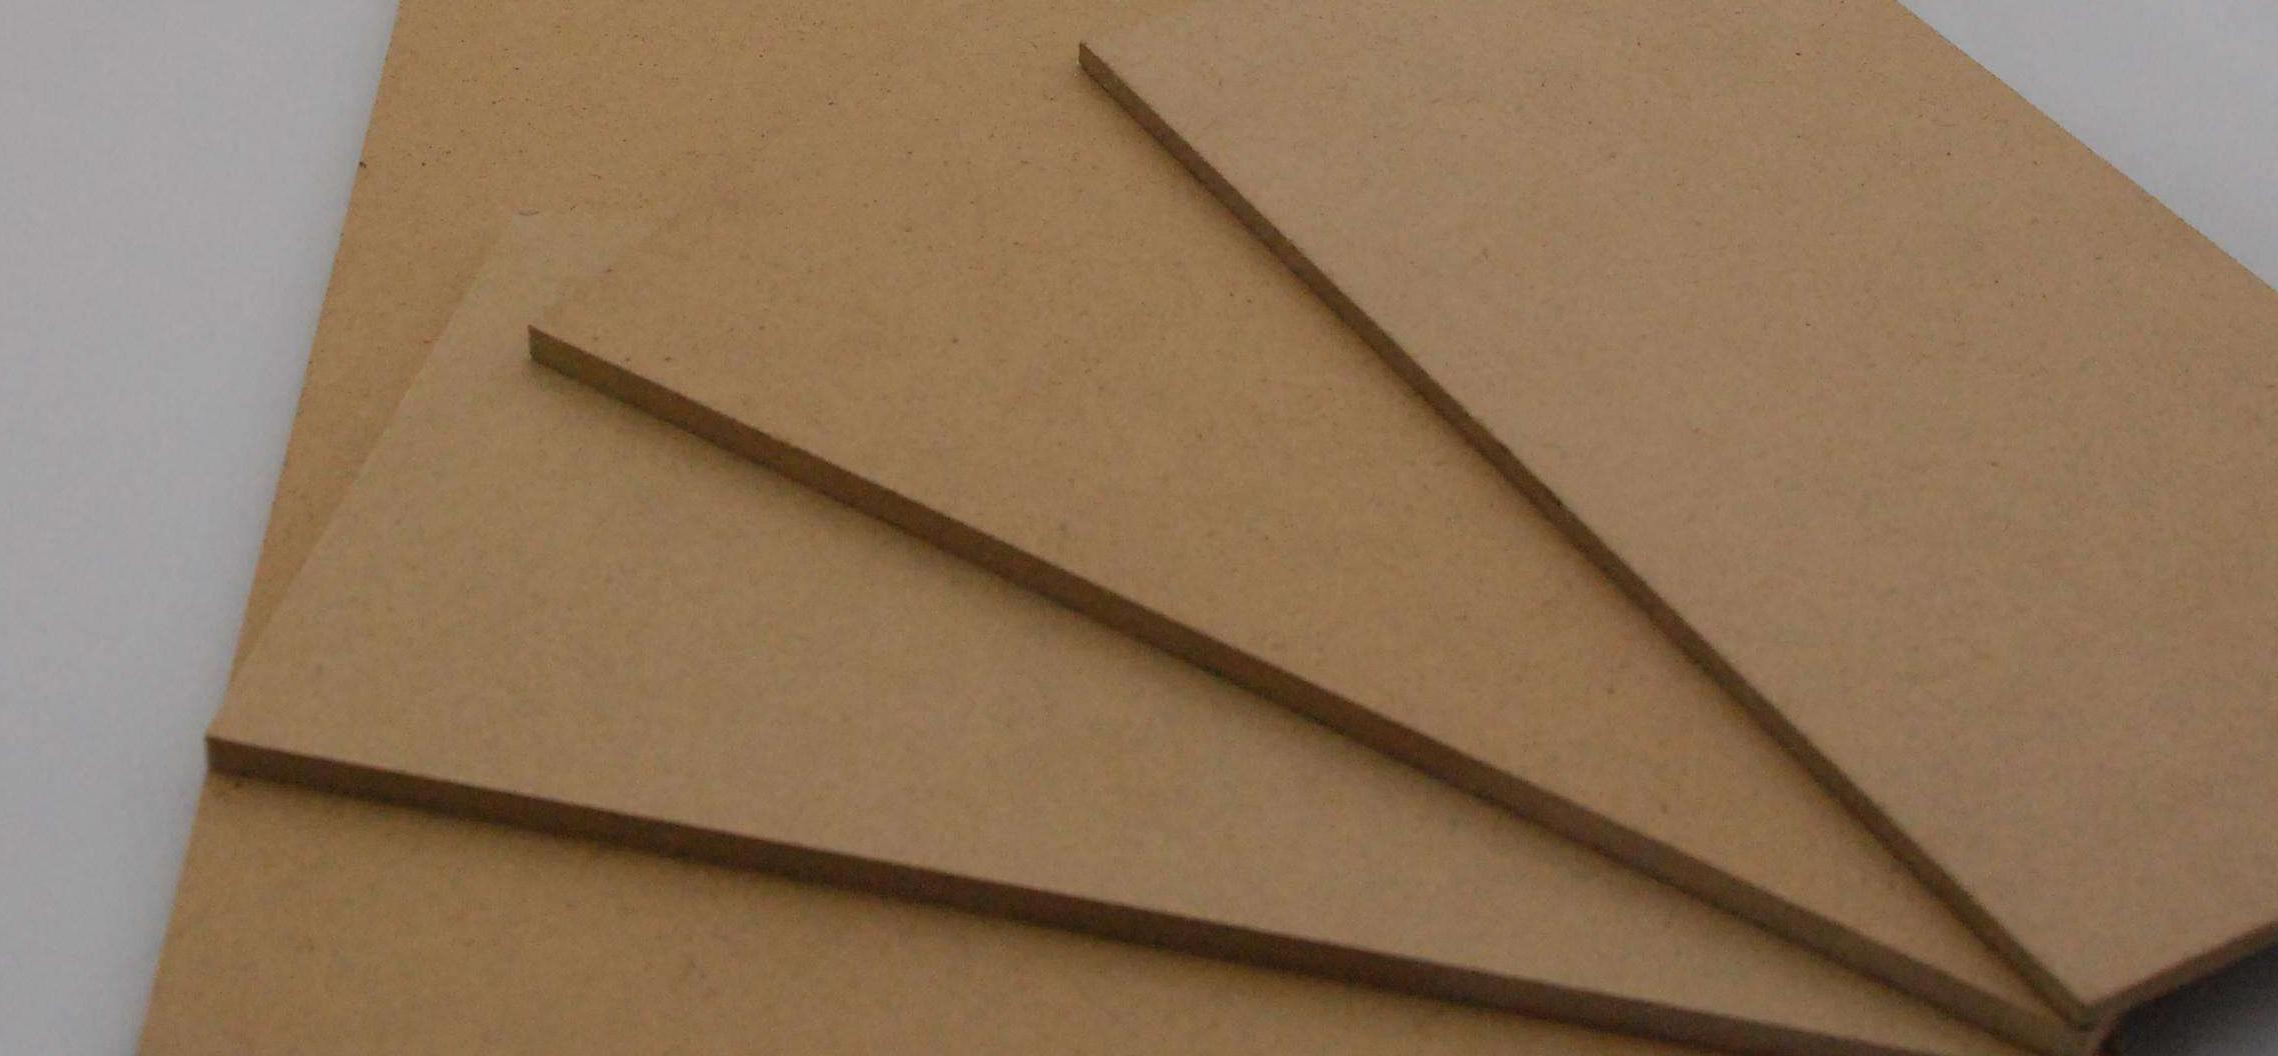 【独家】纤维板产量、进出口与涨价情况分析